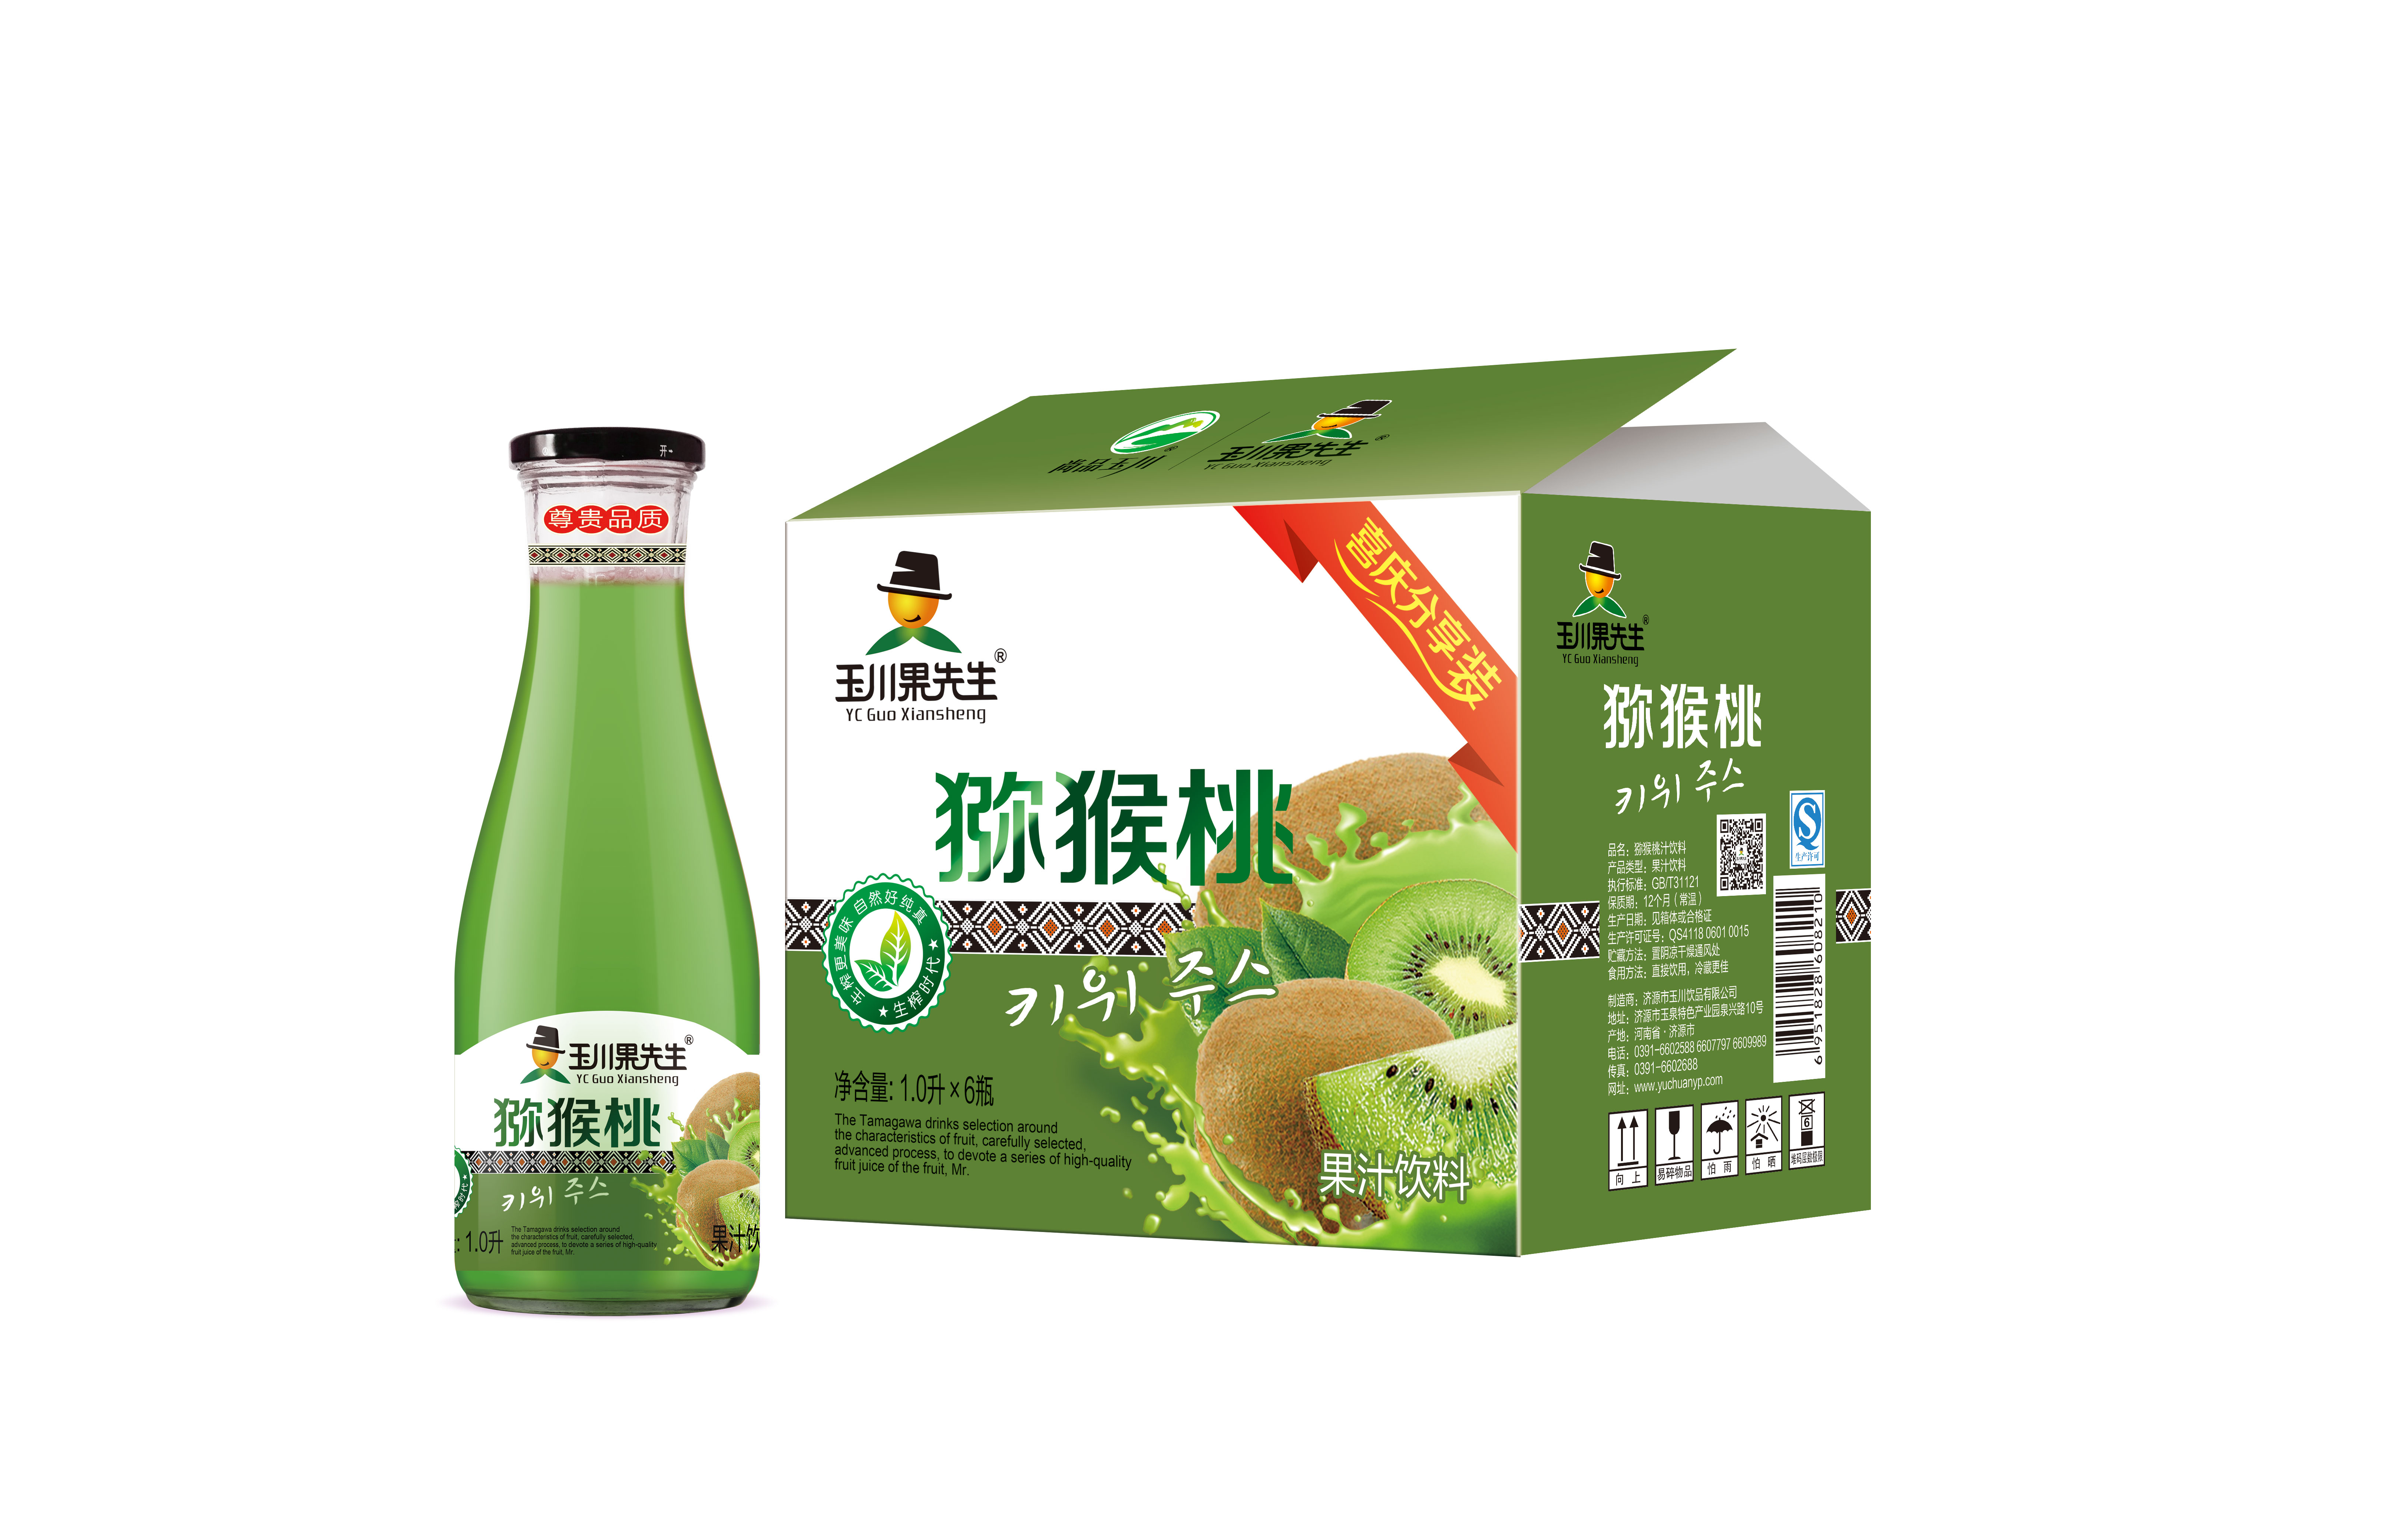 1L×6 玉川果先生63#猕猴桃果汁饮料